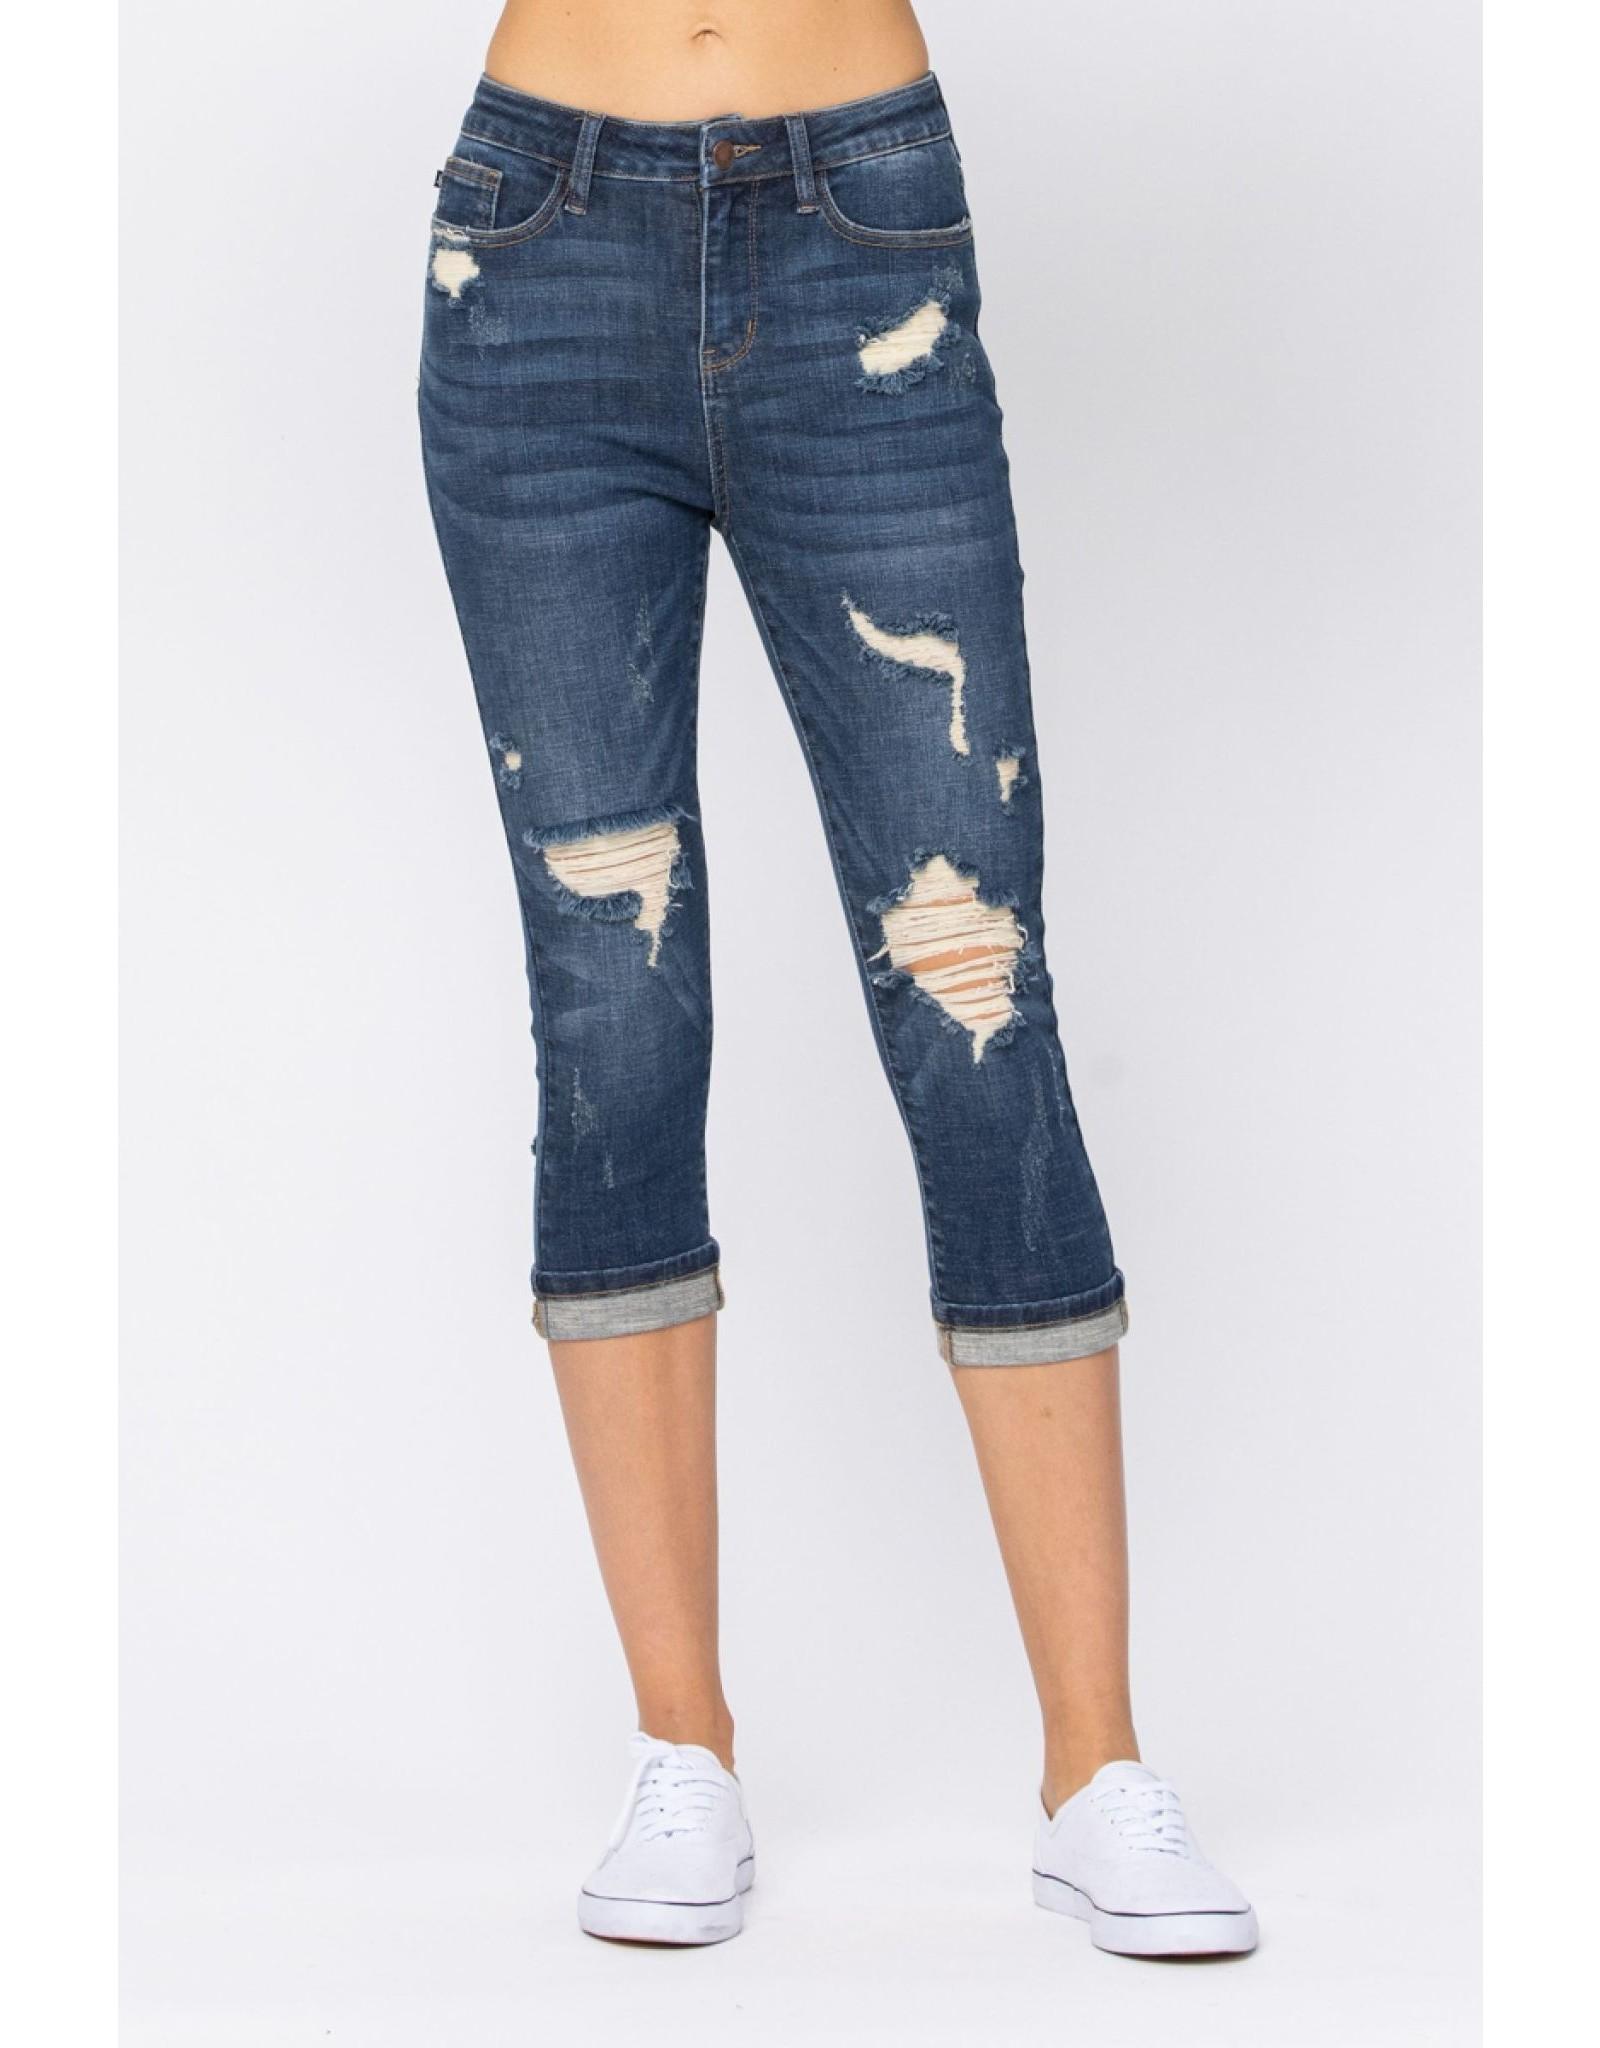 Judy Blue Distressed Capri Jeans